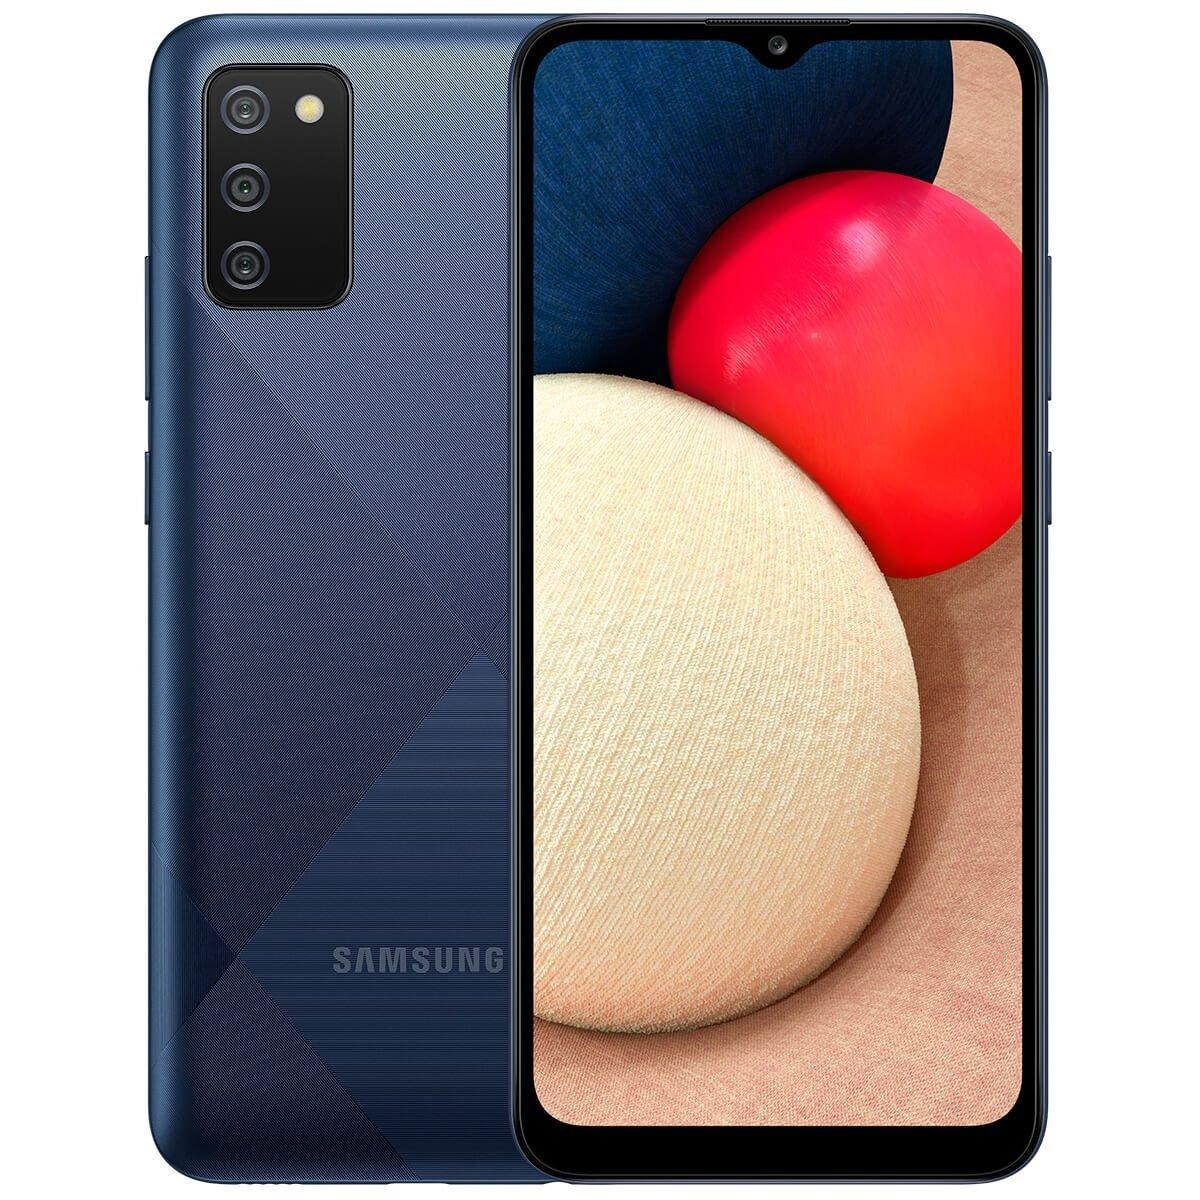 Smartphone Galaxy A02s Azul, 3GB RAM com Tela Infinita de 6,5